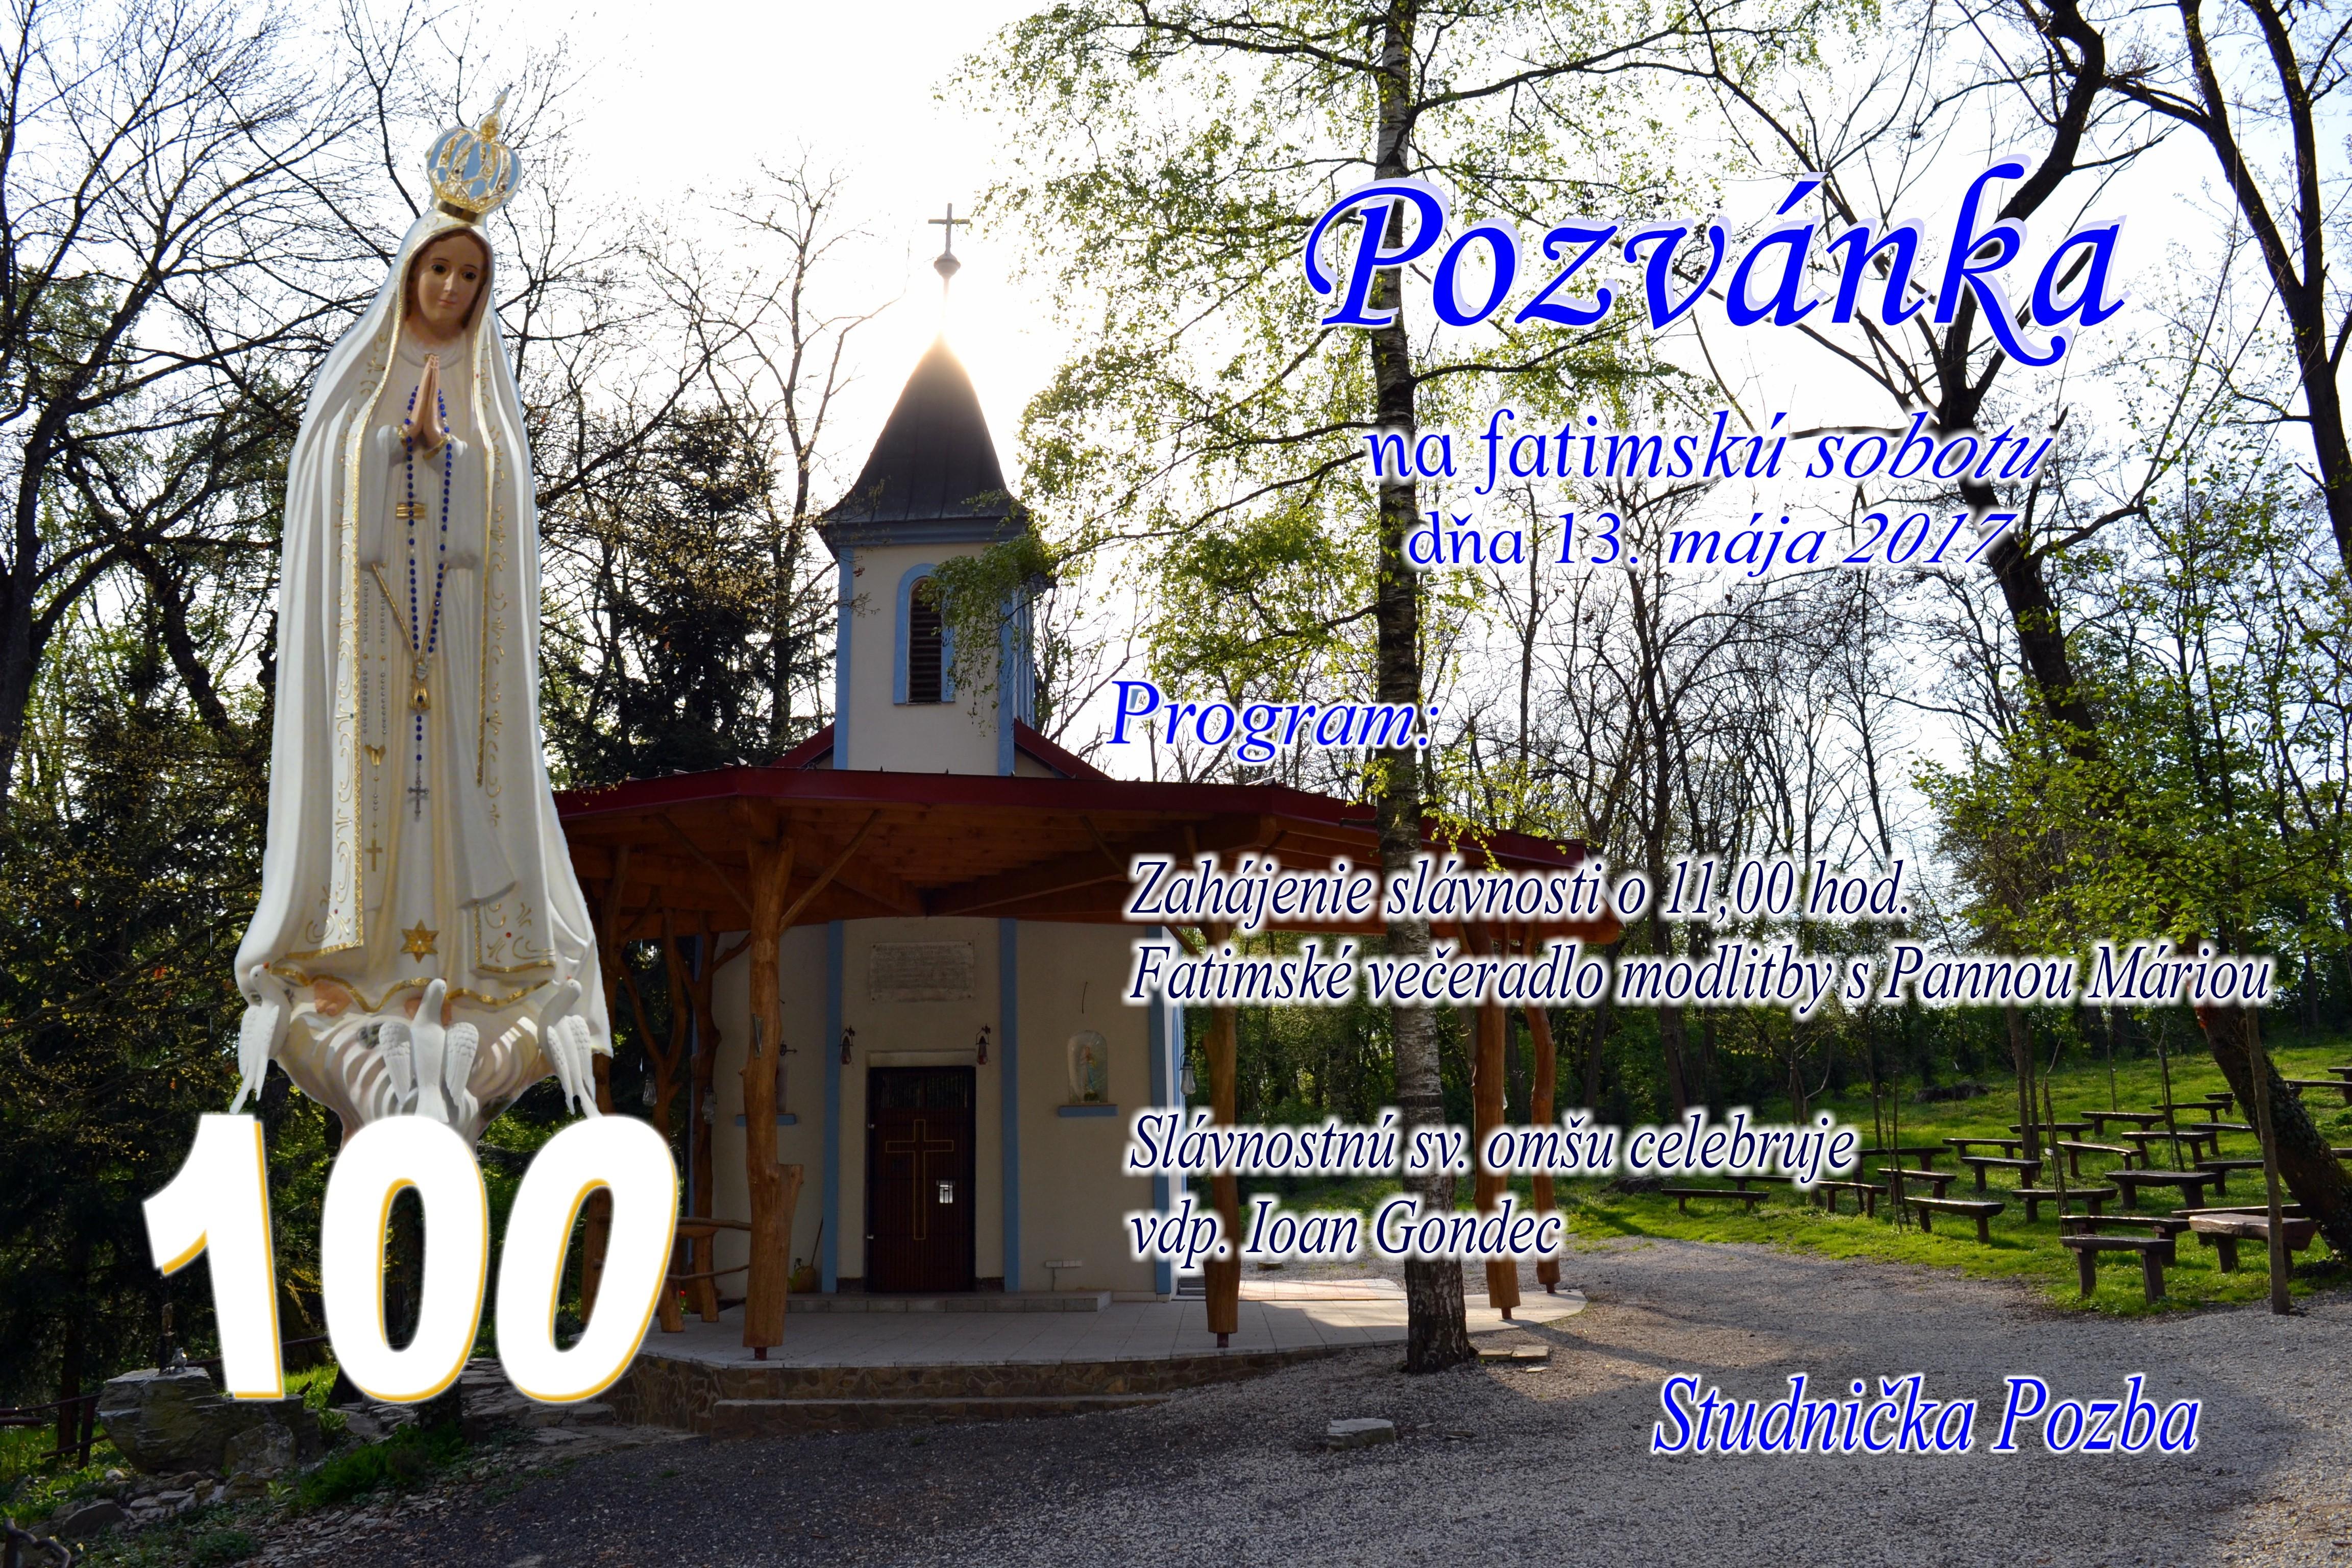 Večeradlo-sv.omša 13.5. Studnička